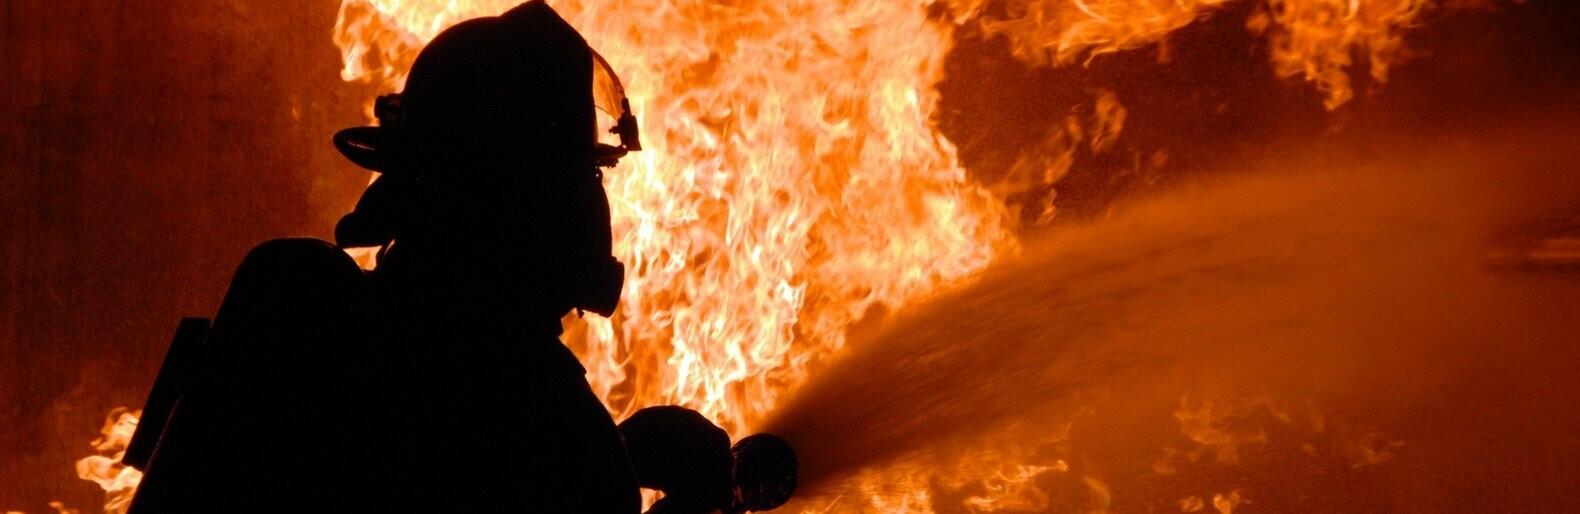 В одесской больнице водников тушили пожар0